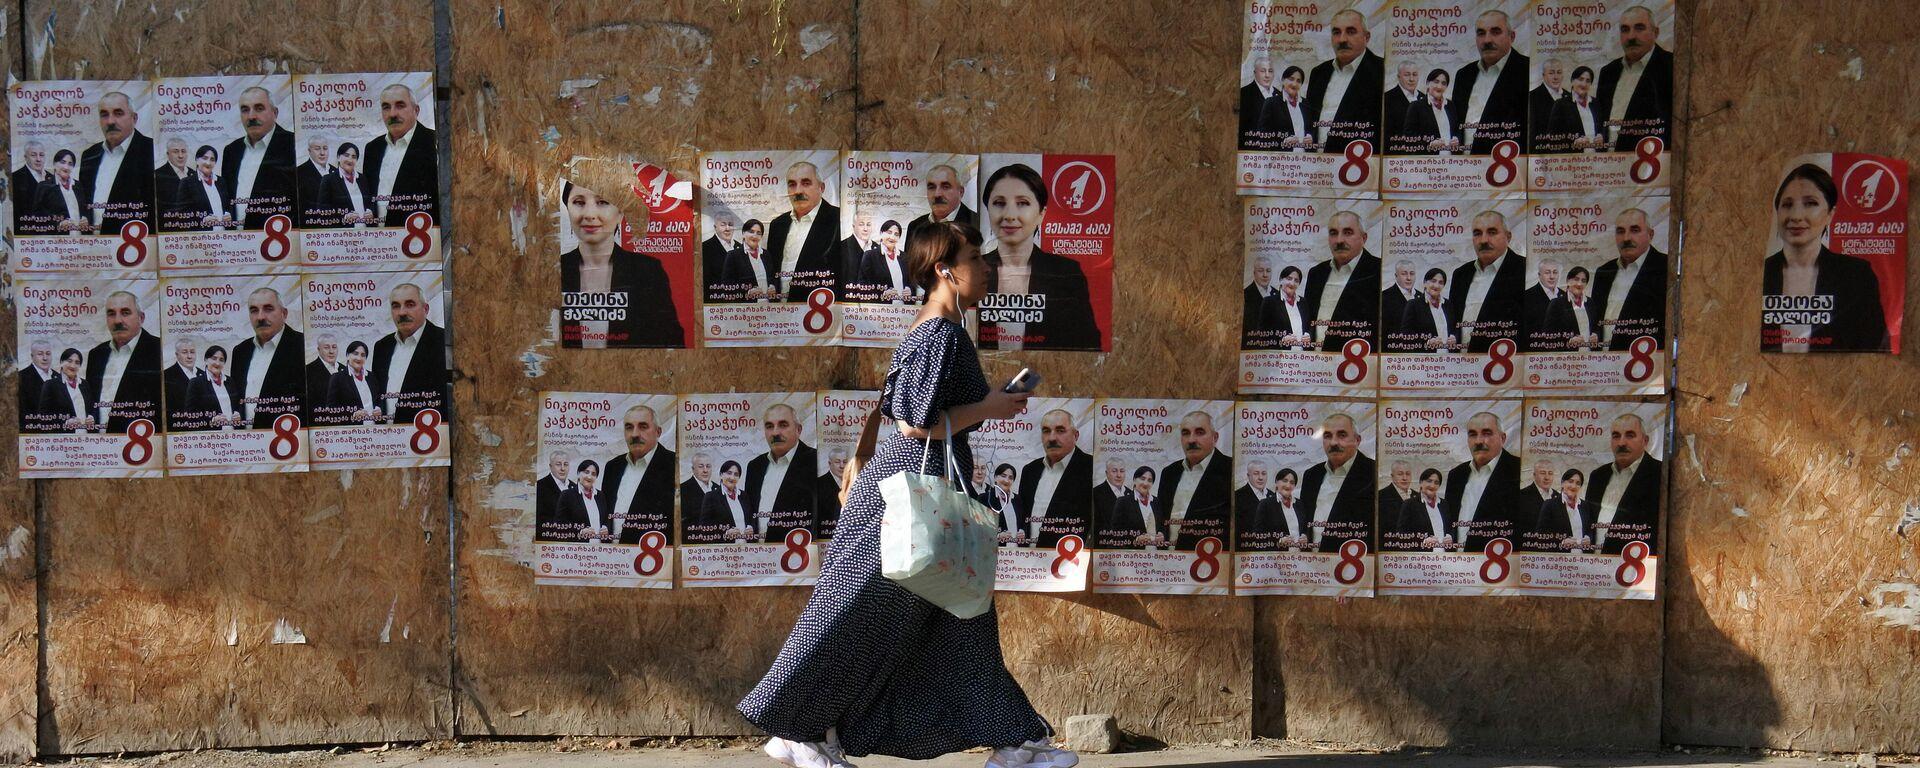 Предвыборная реклама - прохожие идут вдоль забора с плакатами партии Альянс патриотов Грузии - Sputnik Грузия, 1920, 28.09.2021